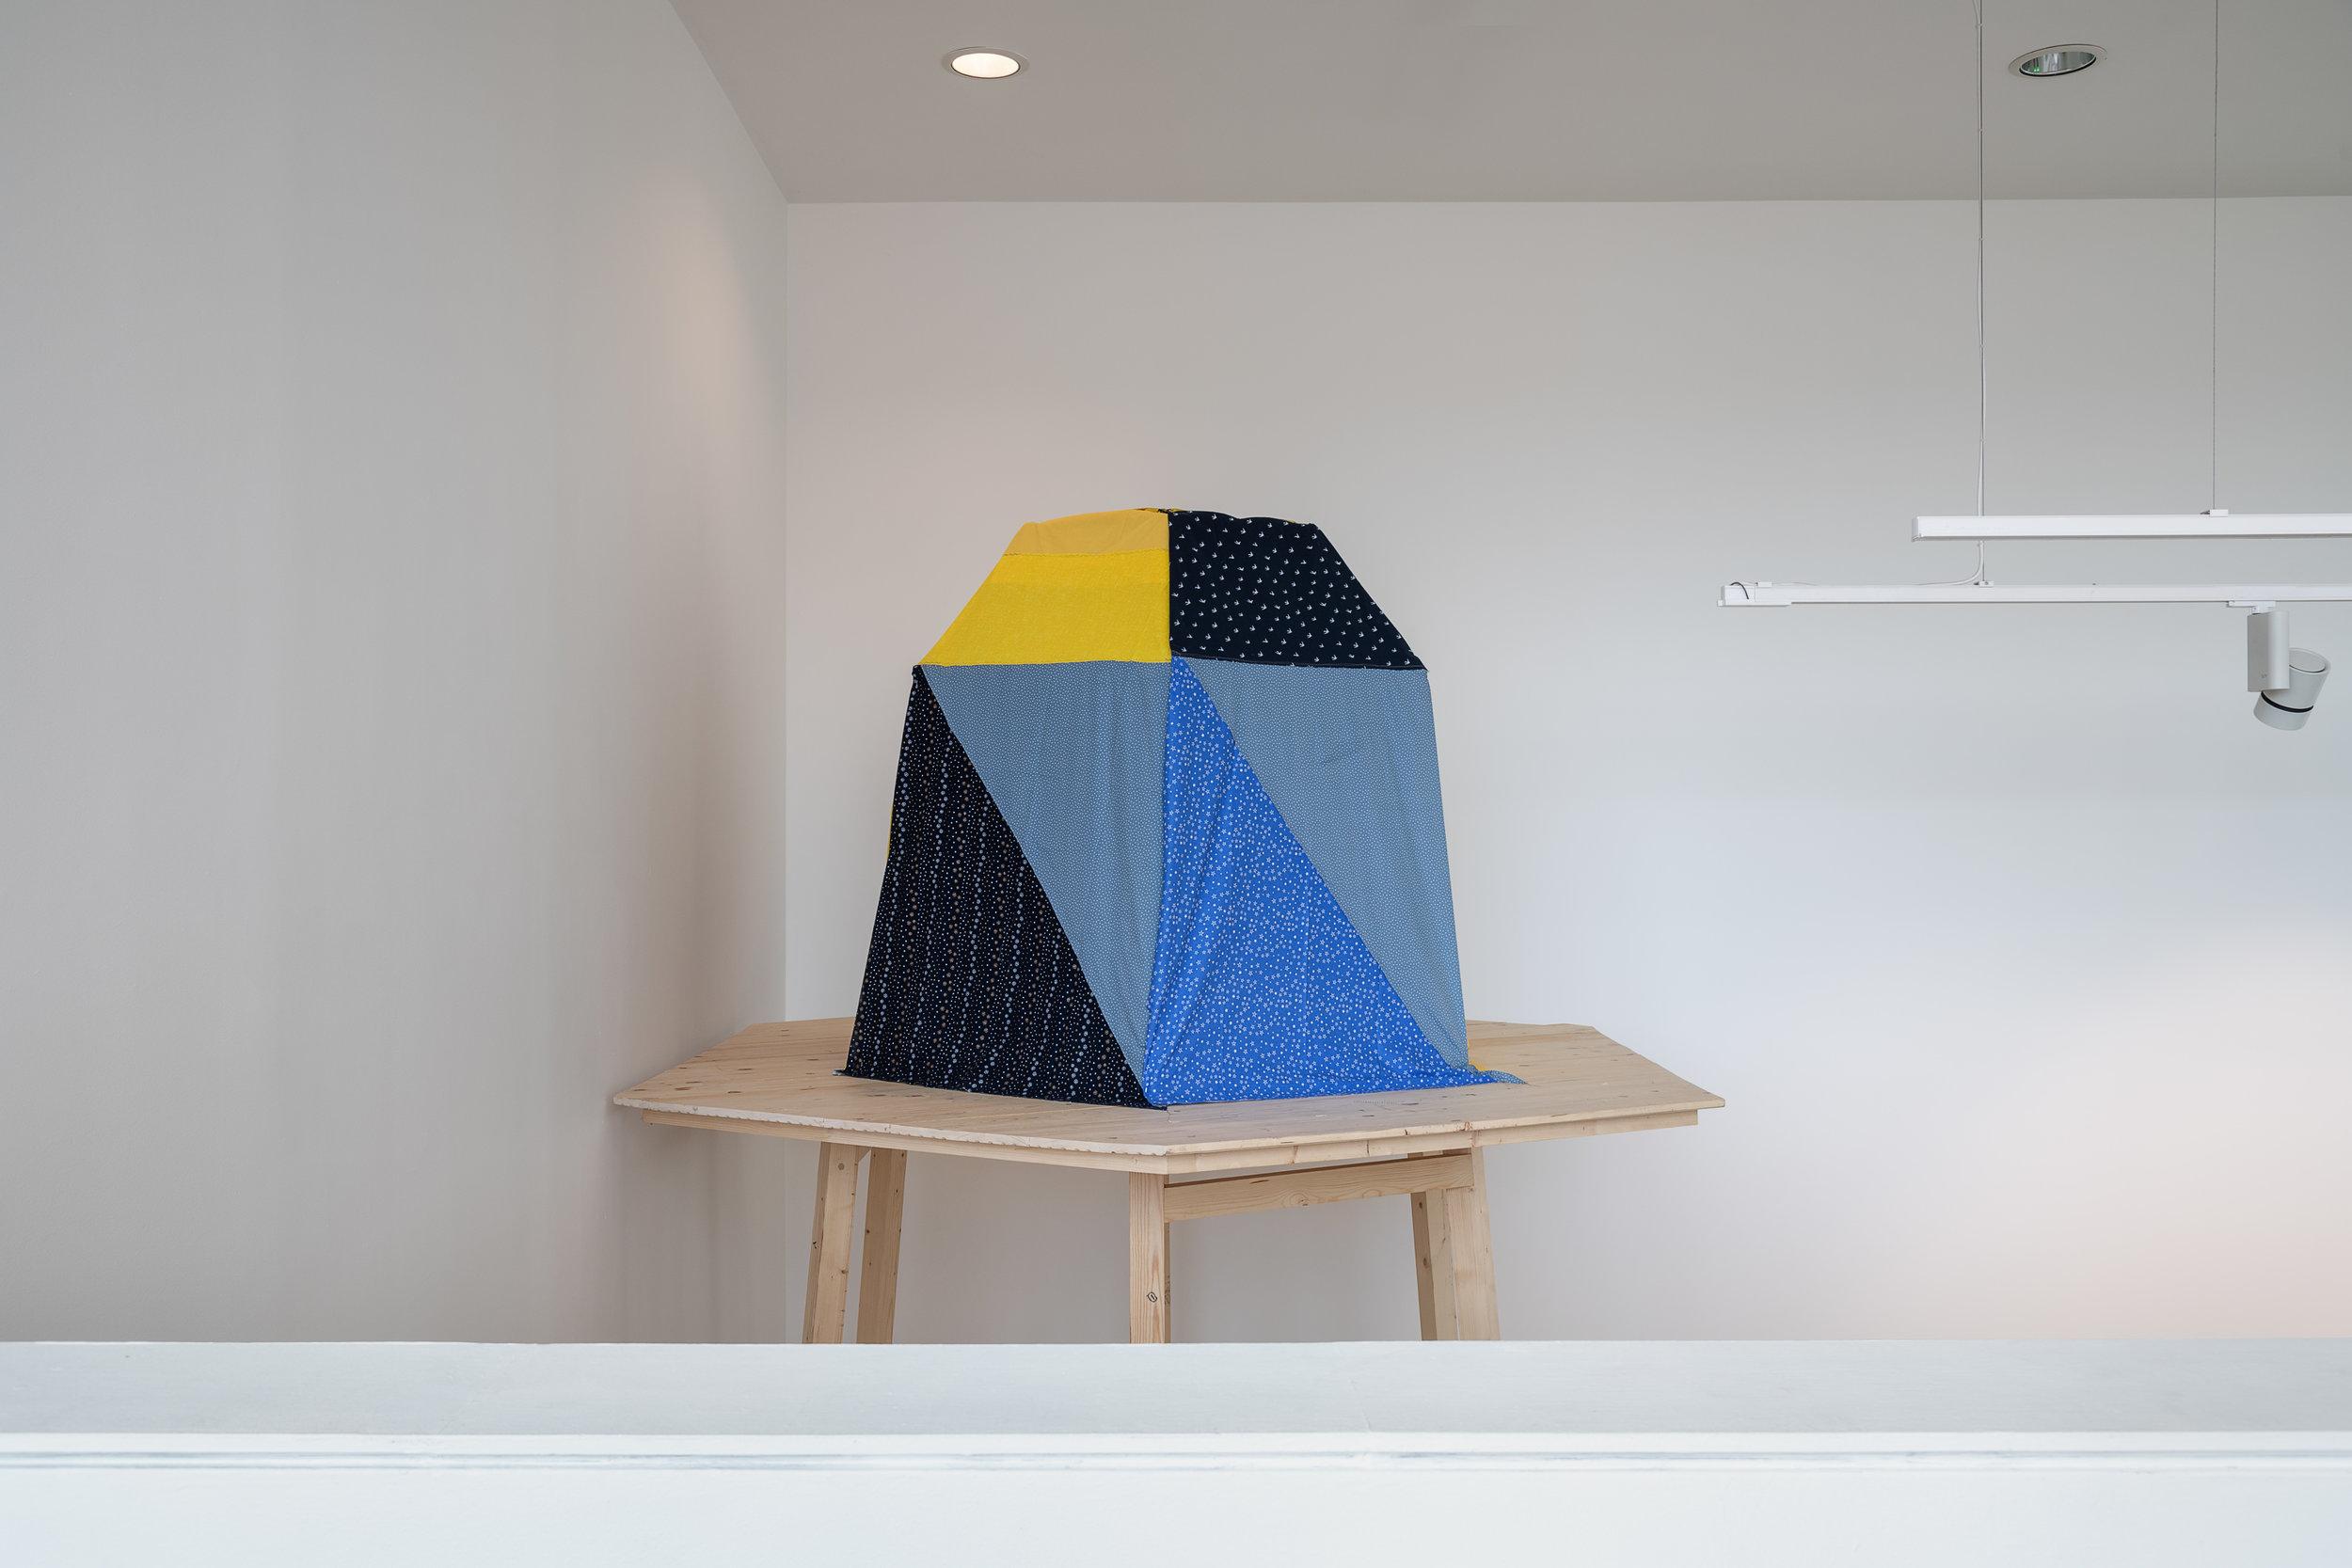 Element 3 (treehouse);  Wood, fabric Caoimhe Kilfeather Photo by Jed Niezgoda